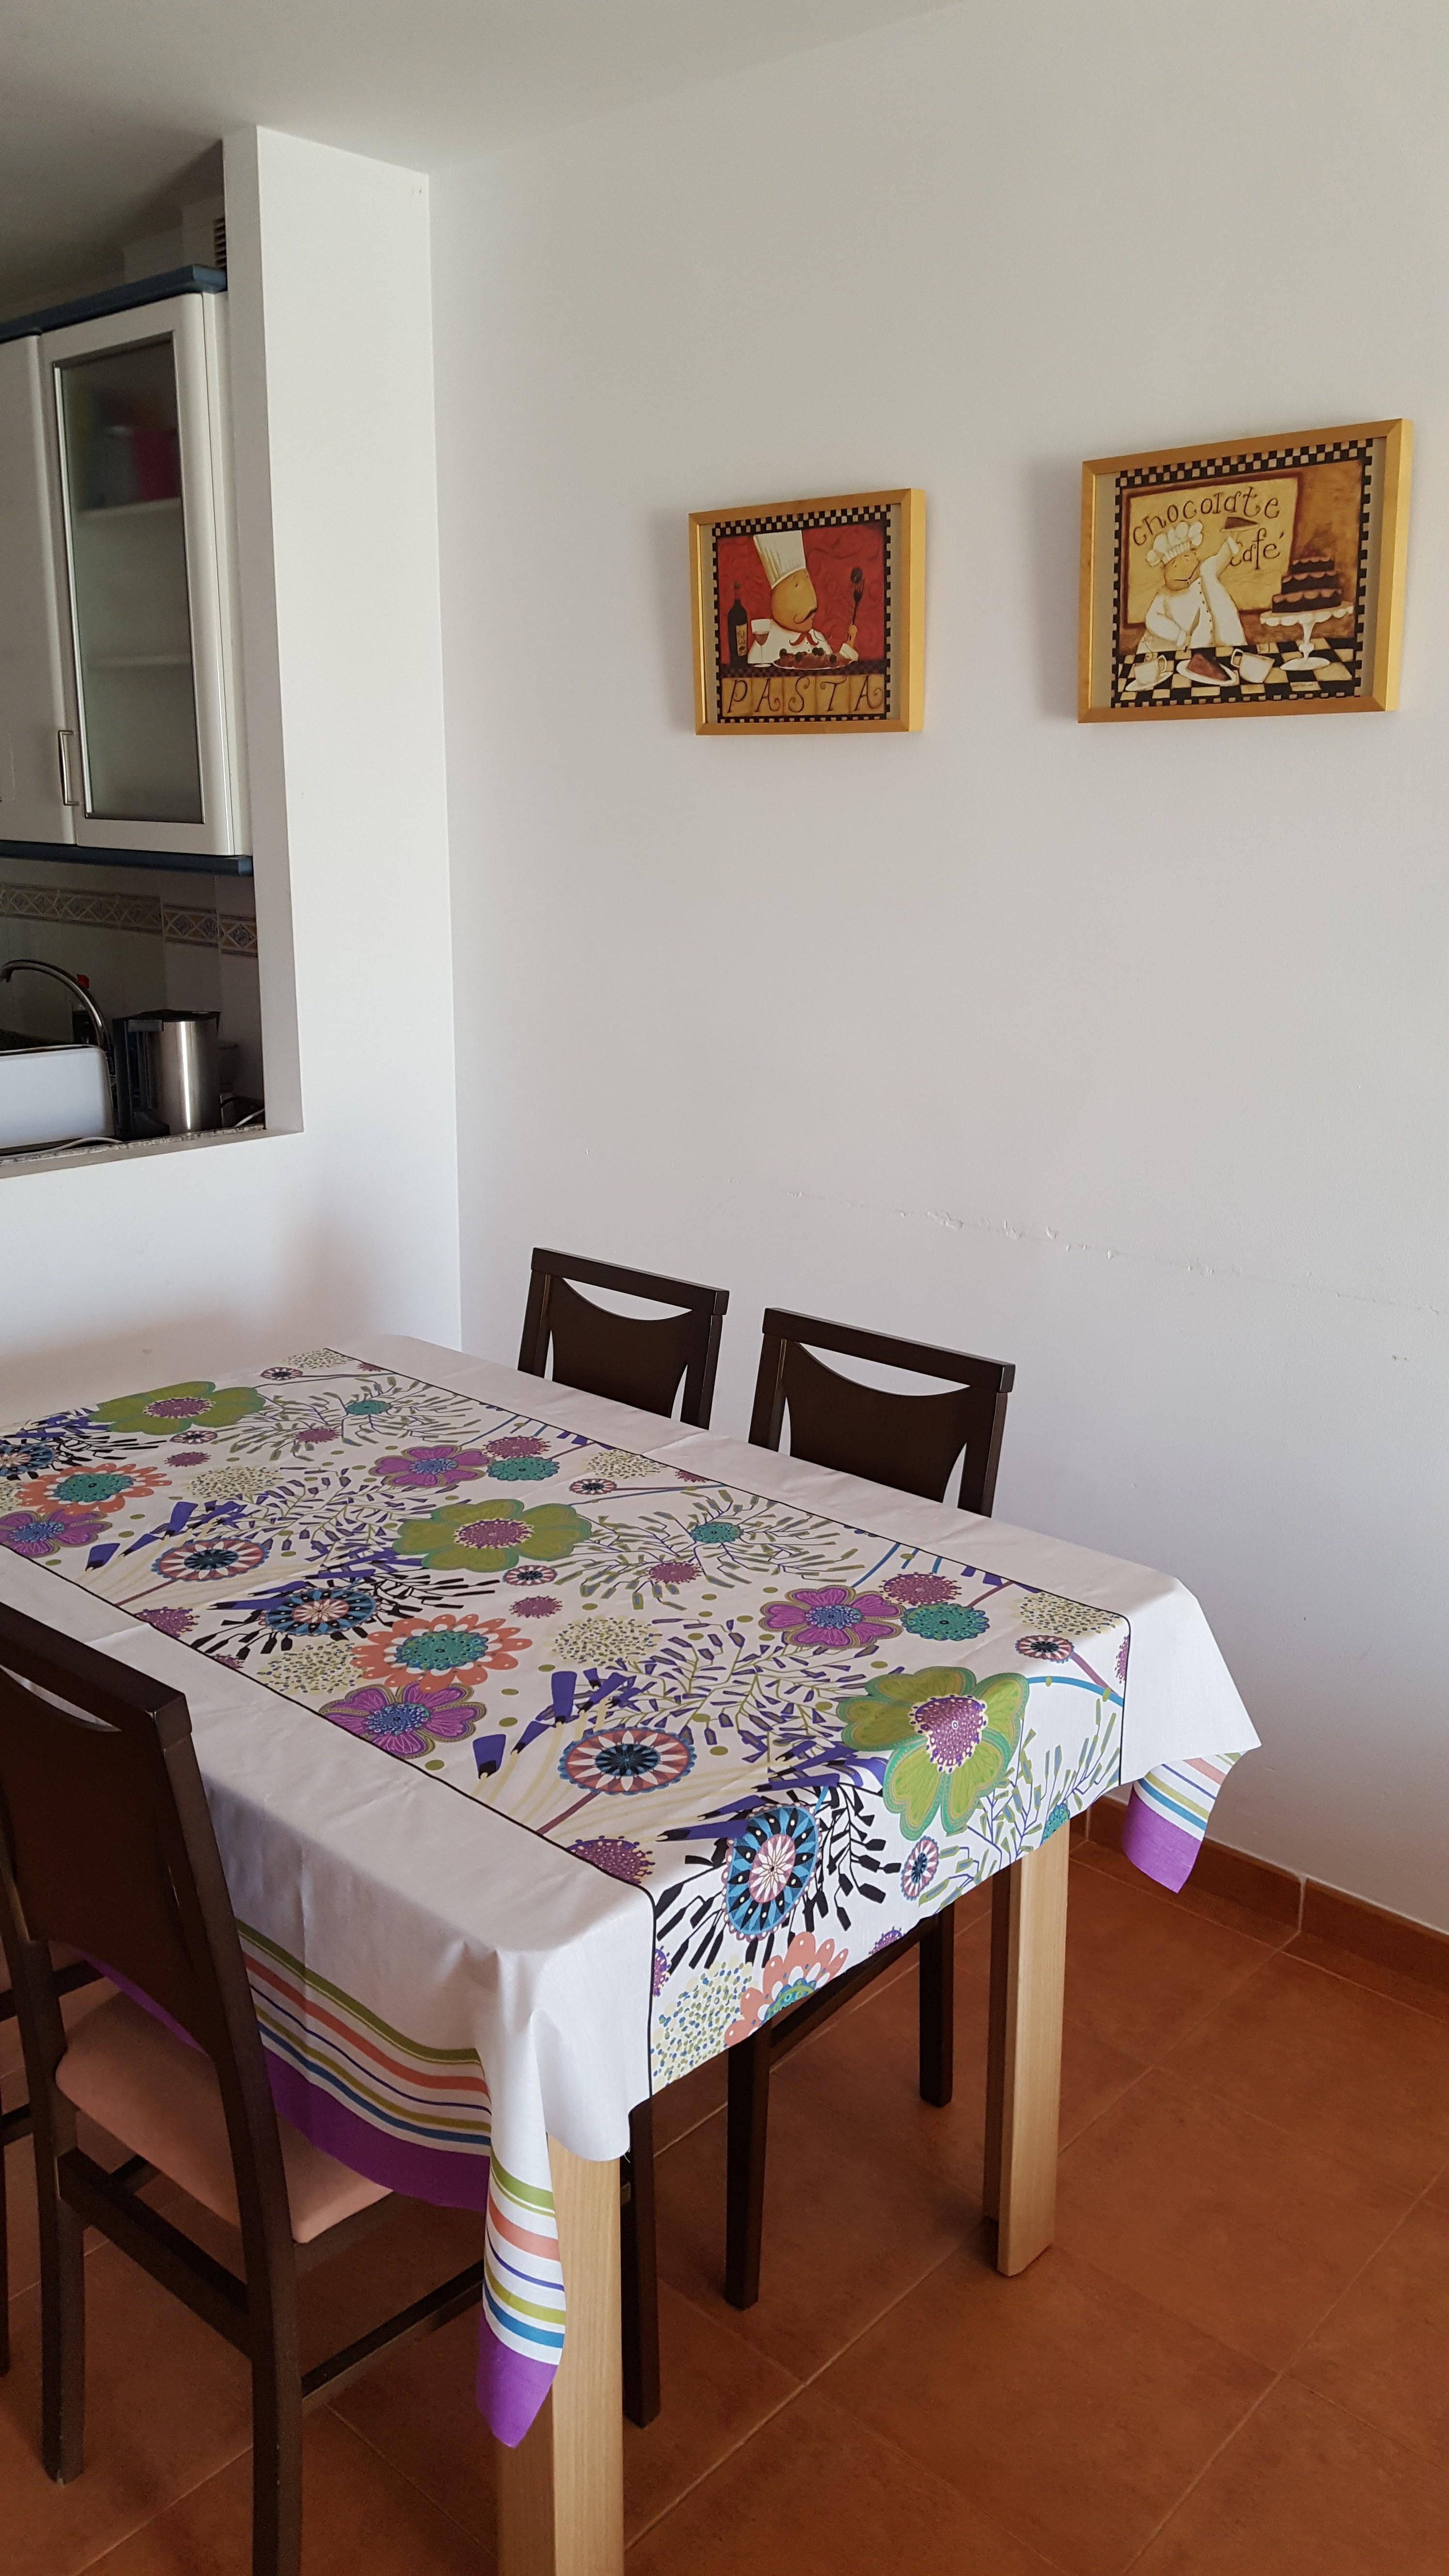 Ferienwohnung 3 Schlafzimmer Wohnung zu vermieten in Mojcar, Spanien (2388895), Mojacar, Costa de Almeria, Andalusien, Spanien, Bild 7